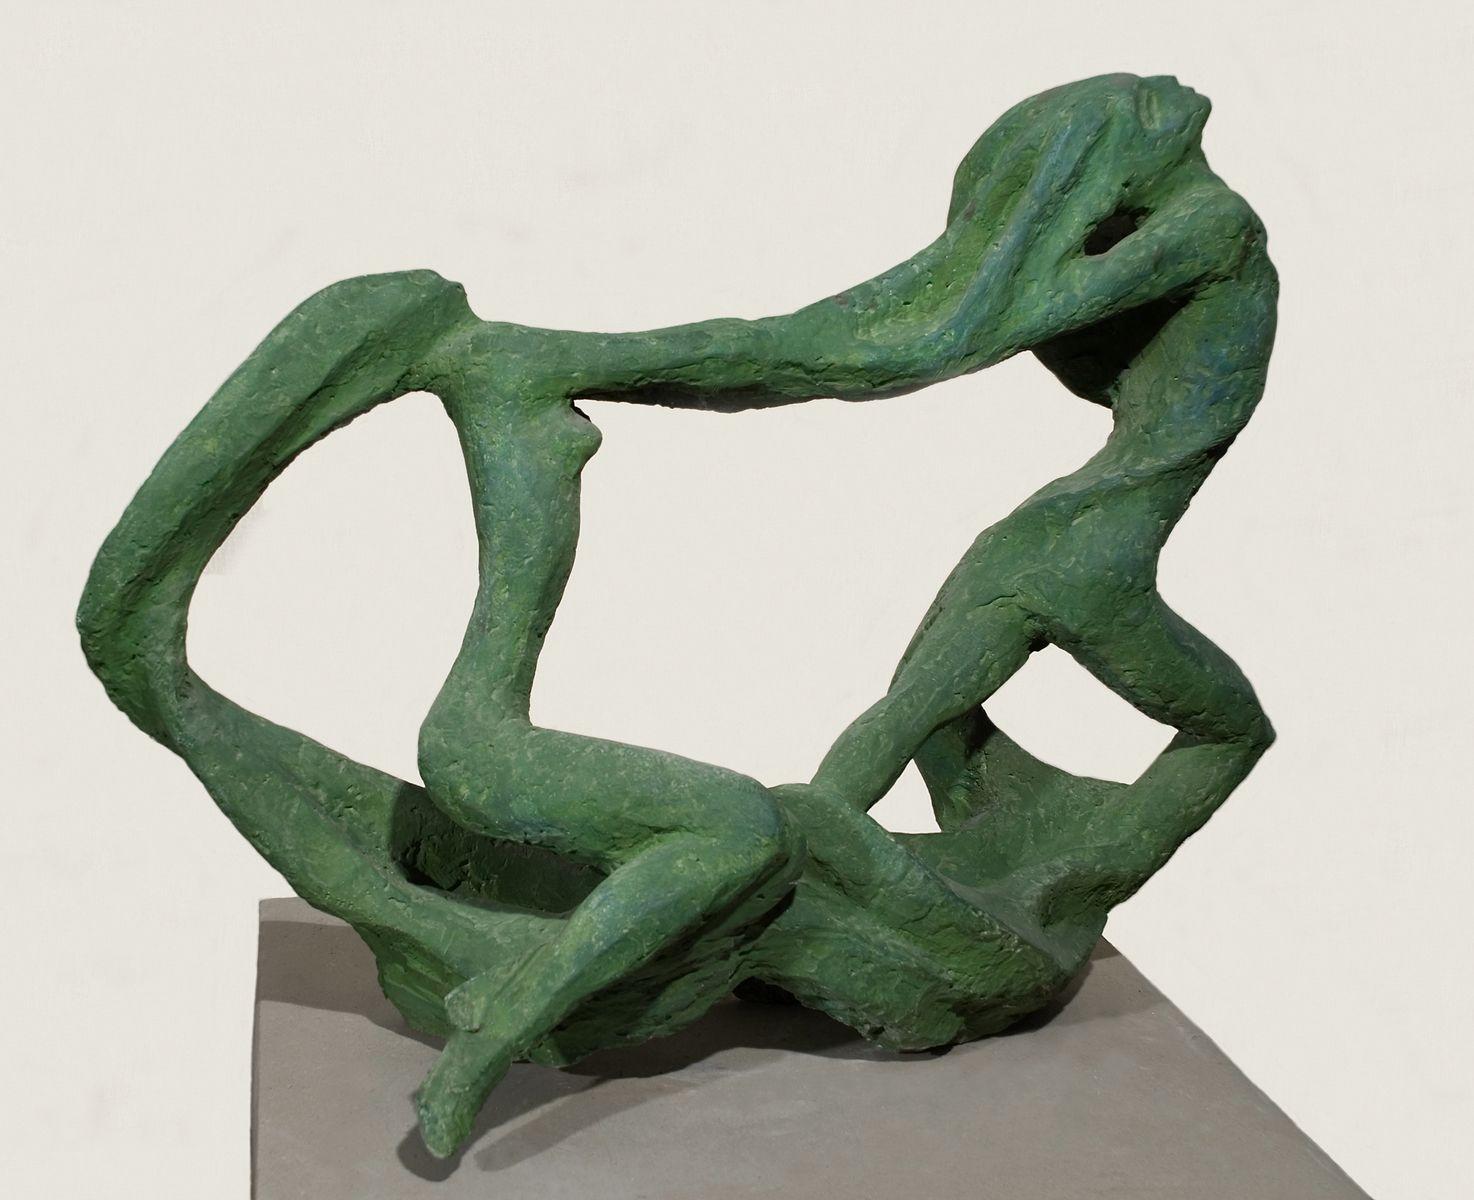 Теодозія Бриж. Той що греблю рве з русалкою, 1970, гіпс